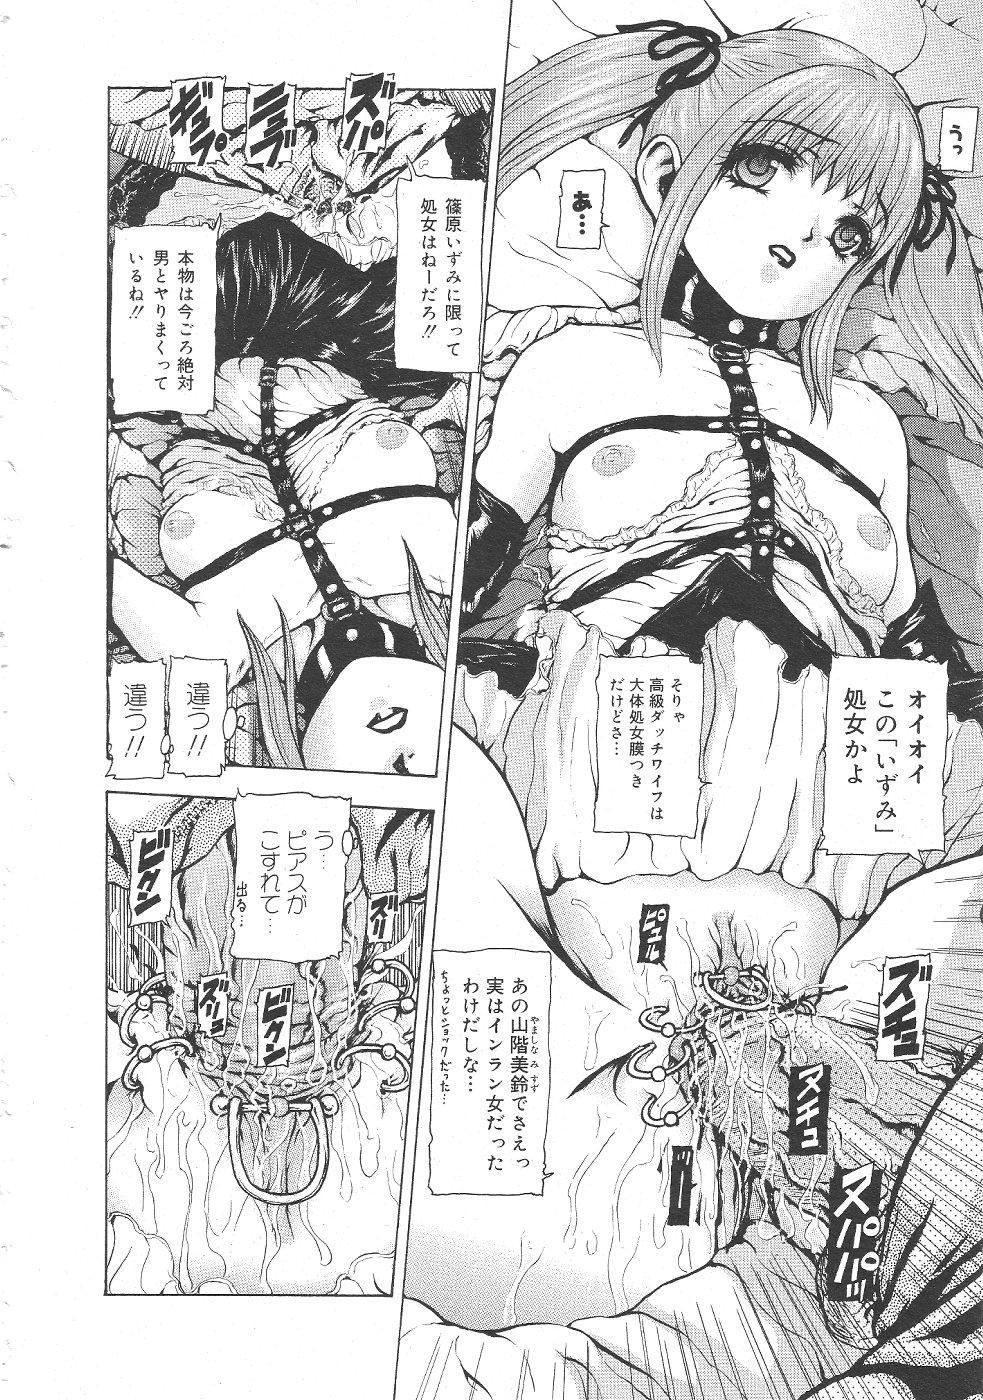 Gekkan Comic Muga 2004-06 Vol.10 159